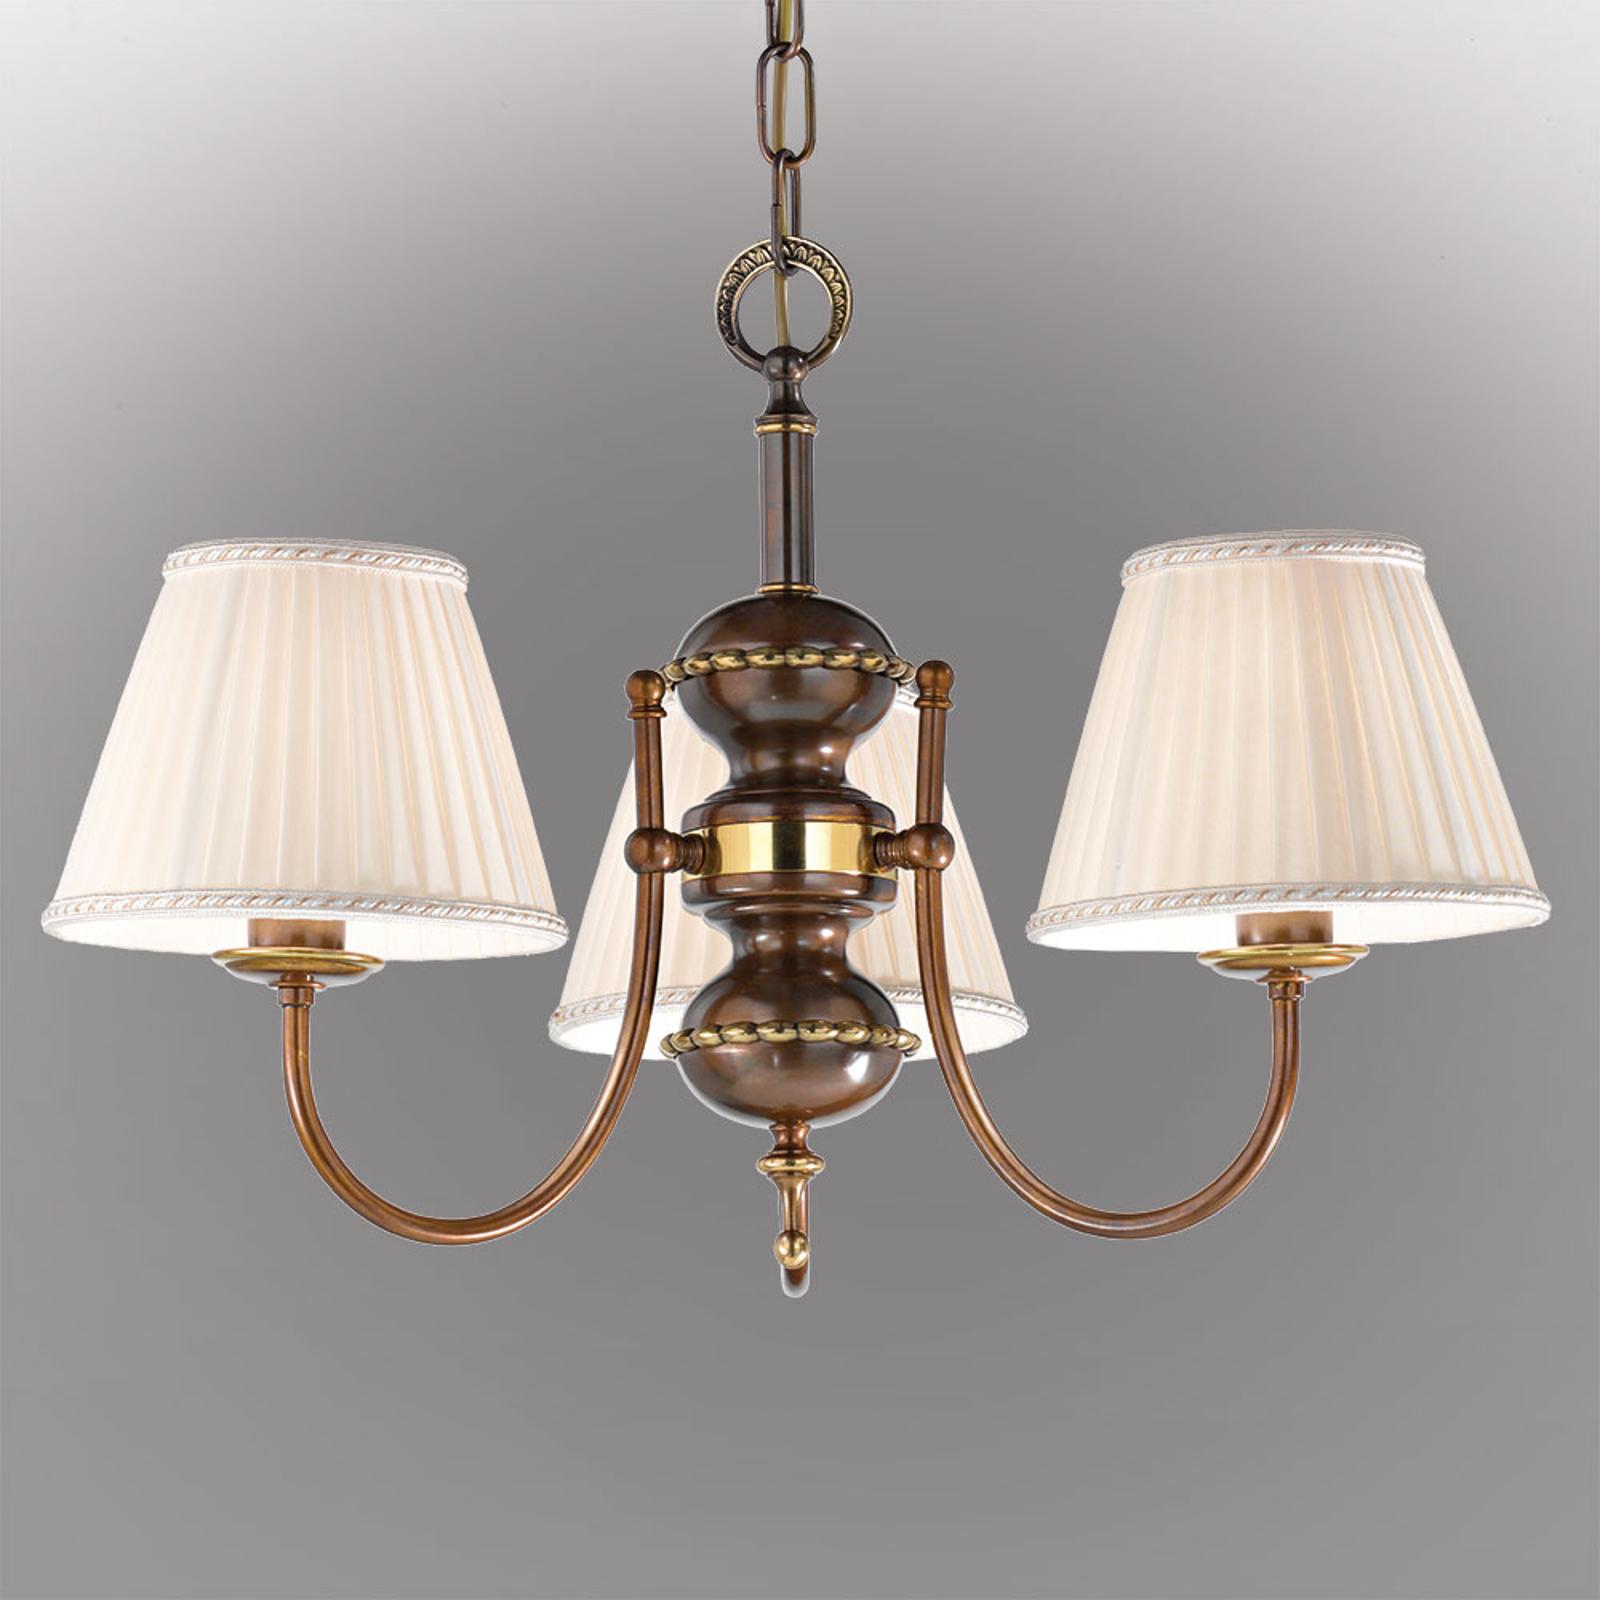 Classic hengelampe med tre lys og antikk finish